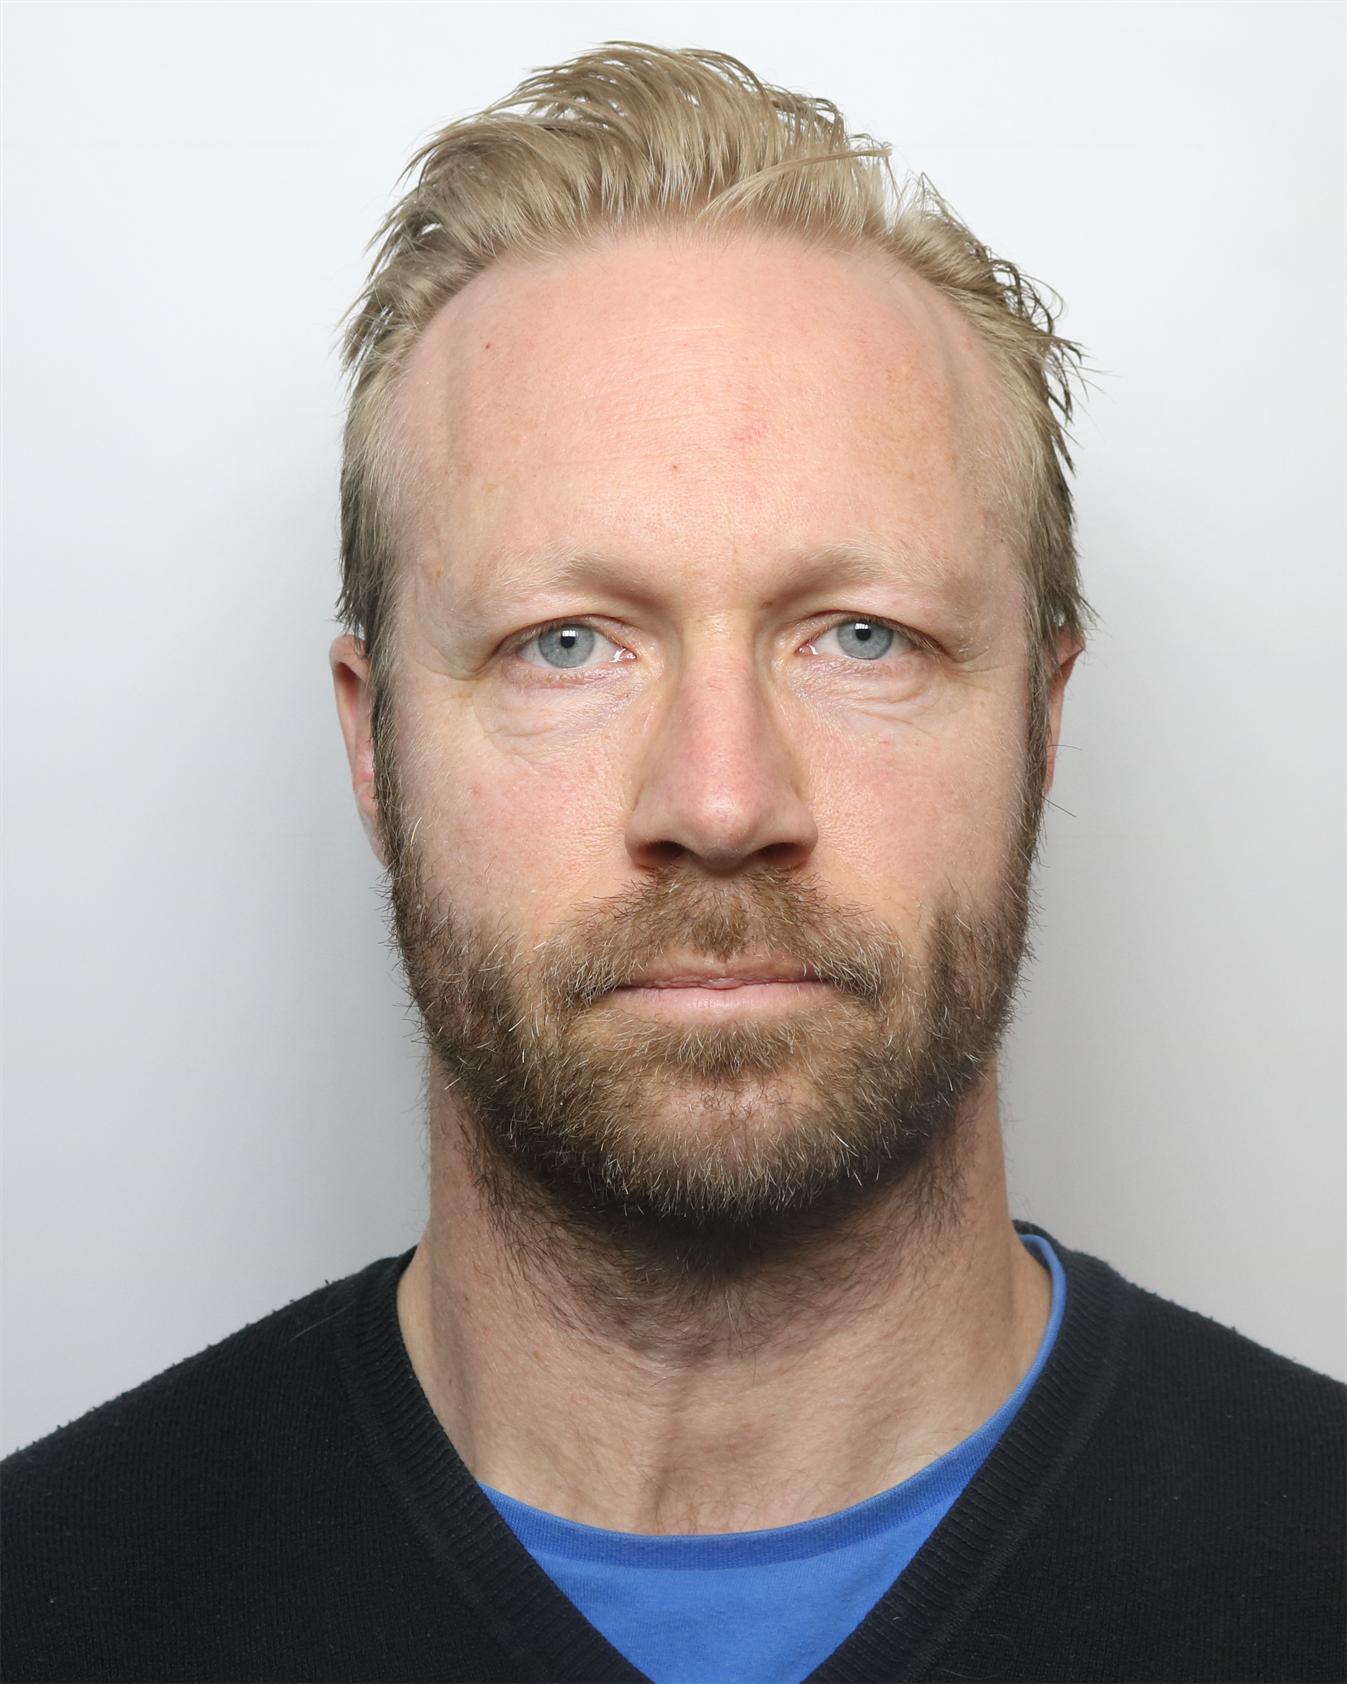 Bradford man jailed over indecent images